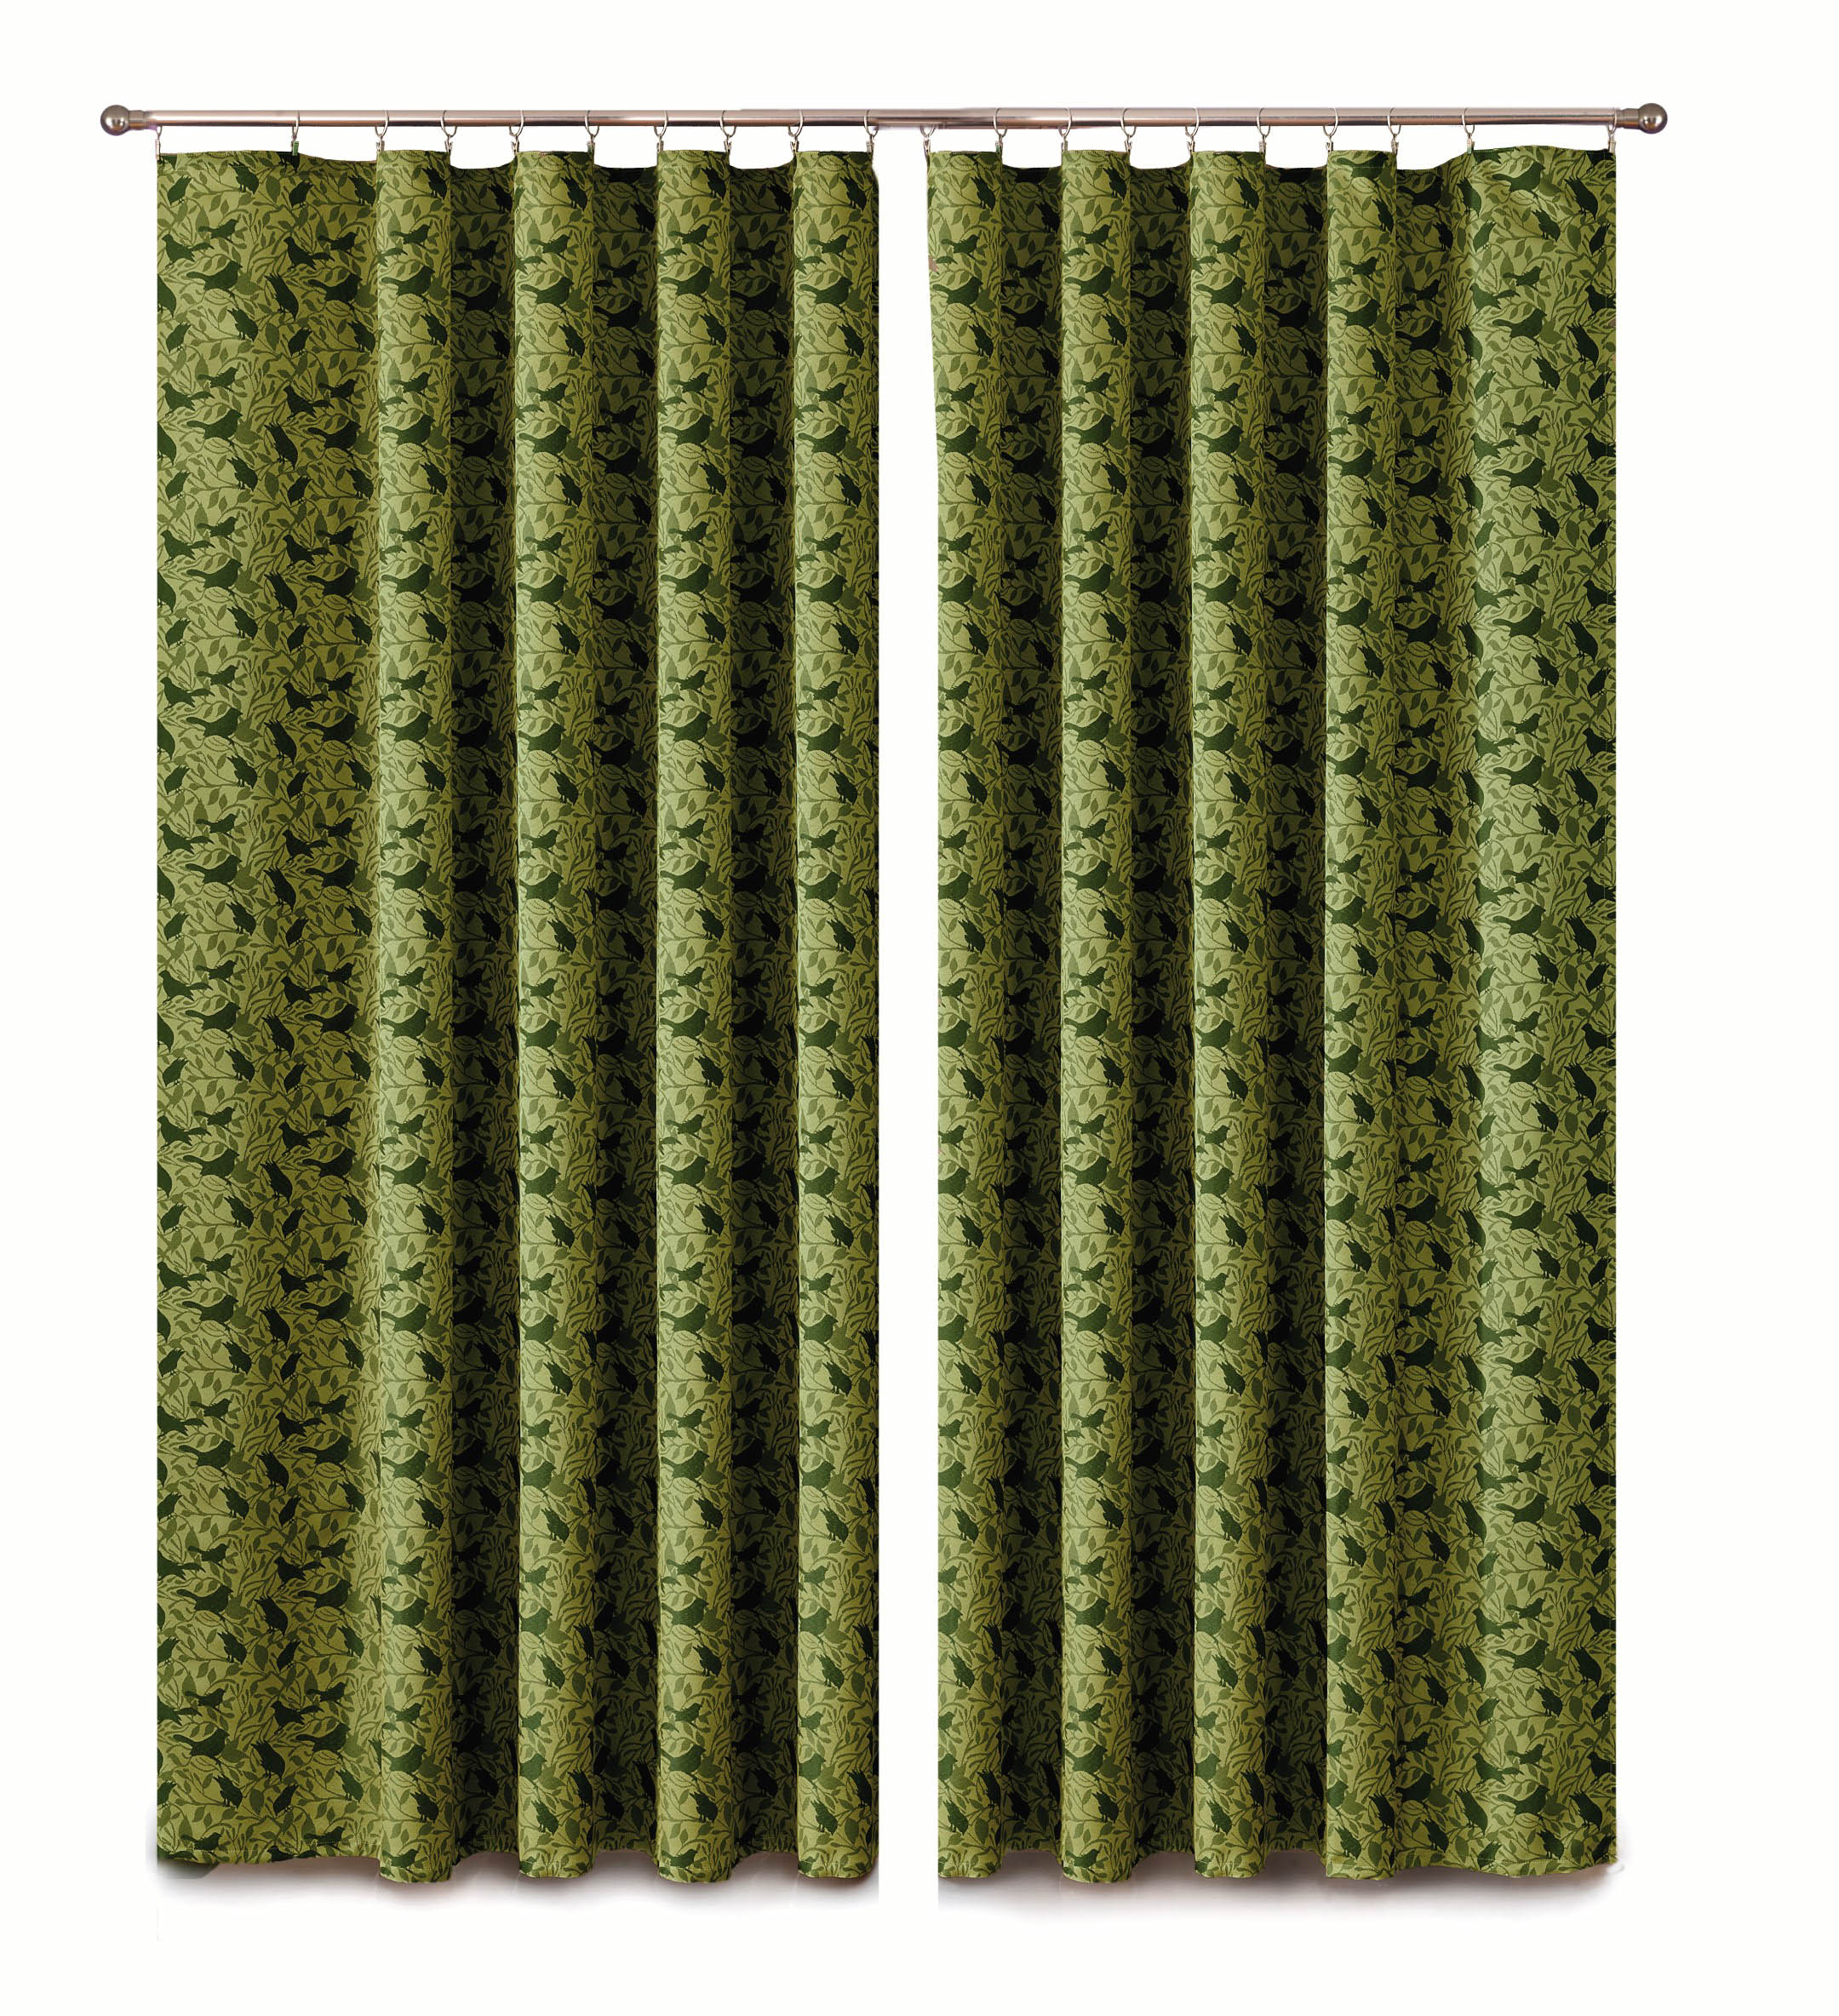 Шторы Primavera Классические шторы Paulina Цвет: Зеленый шторы primavera классические шторы caroline цвет сиреневый